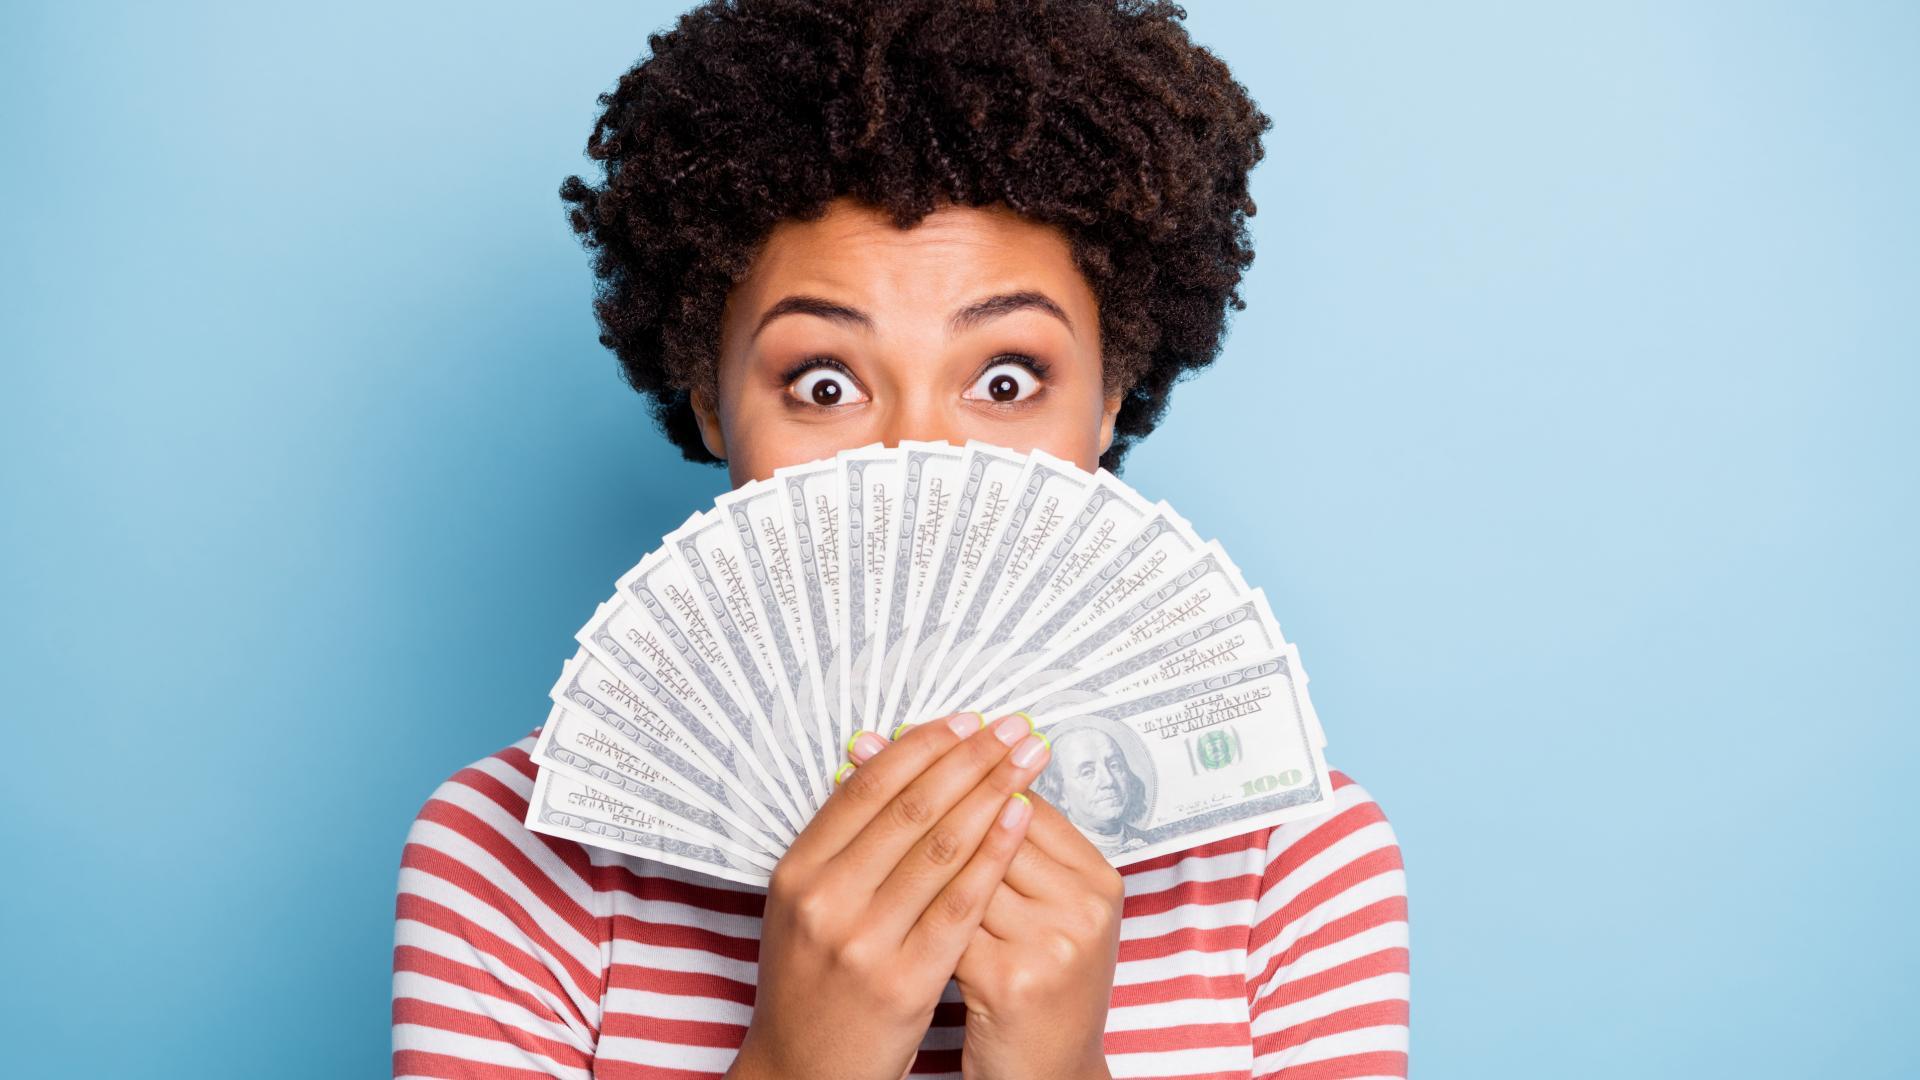 onlineshop erstattet geld nicht zurück